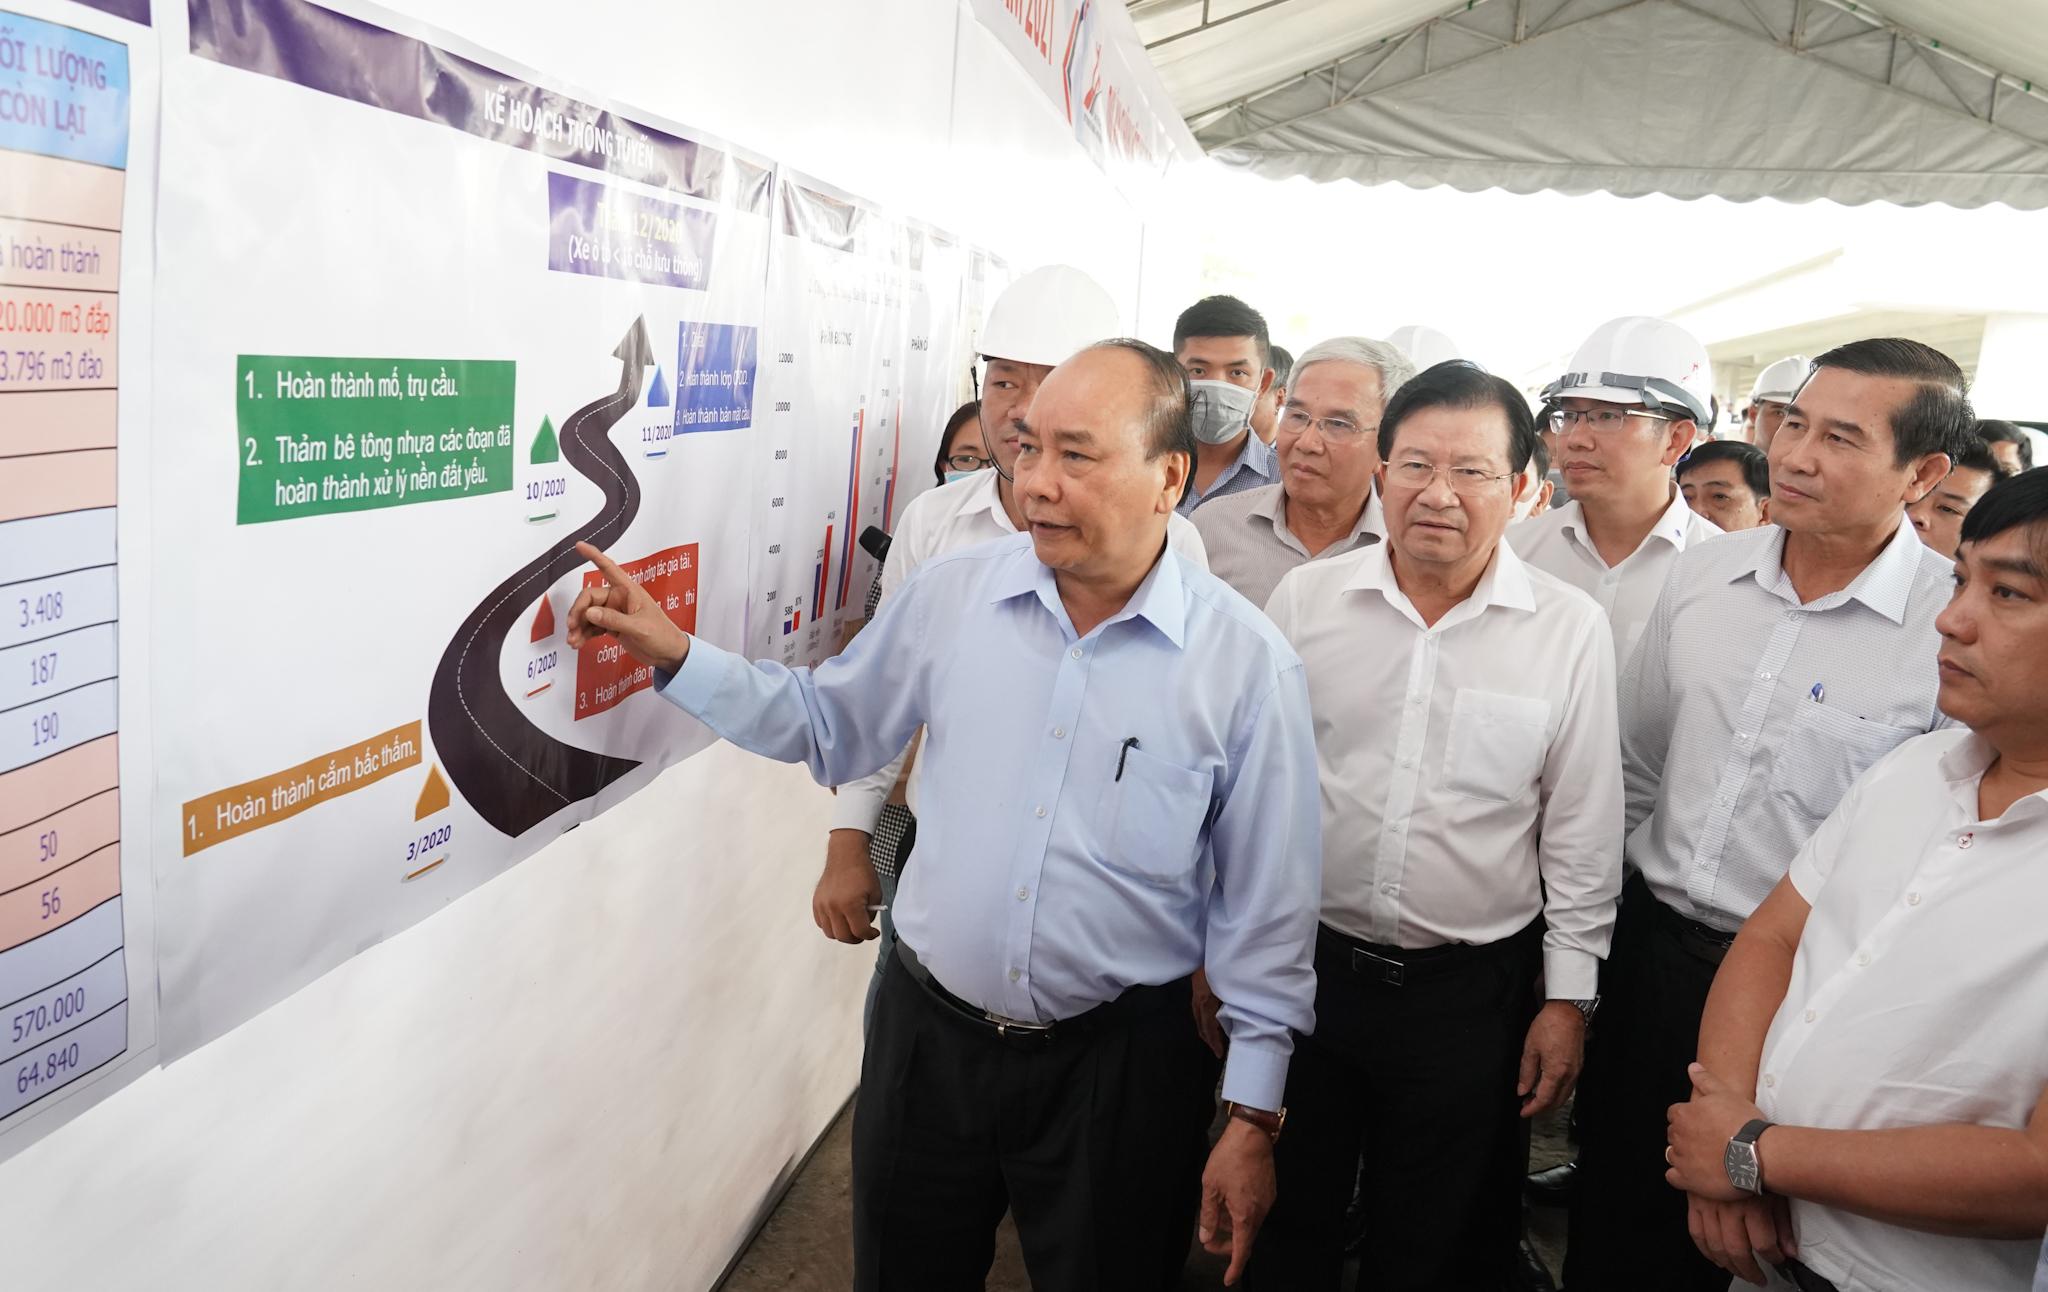 Năm 2021 sẽ khánh thành toàn tuyến Trung Lương - Mỹ Thuận